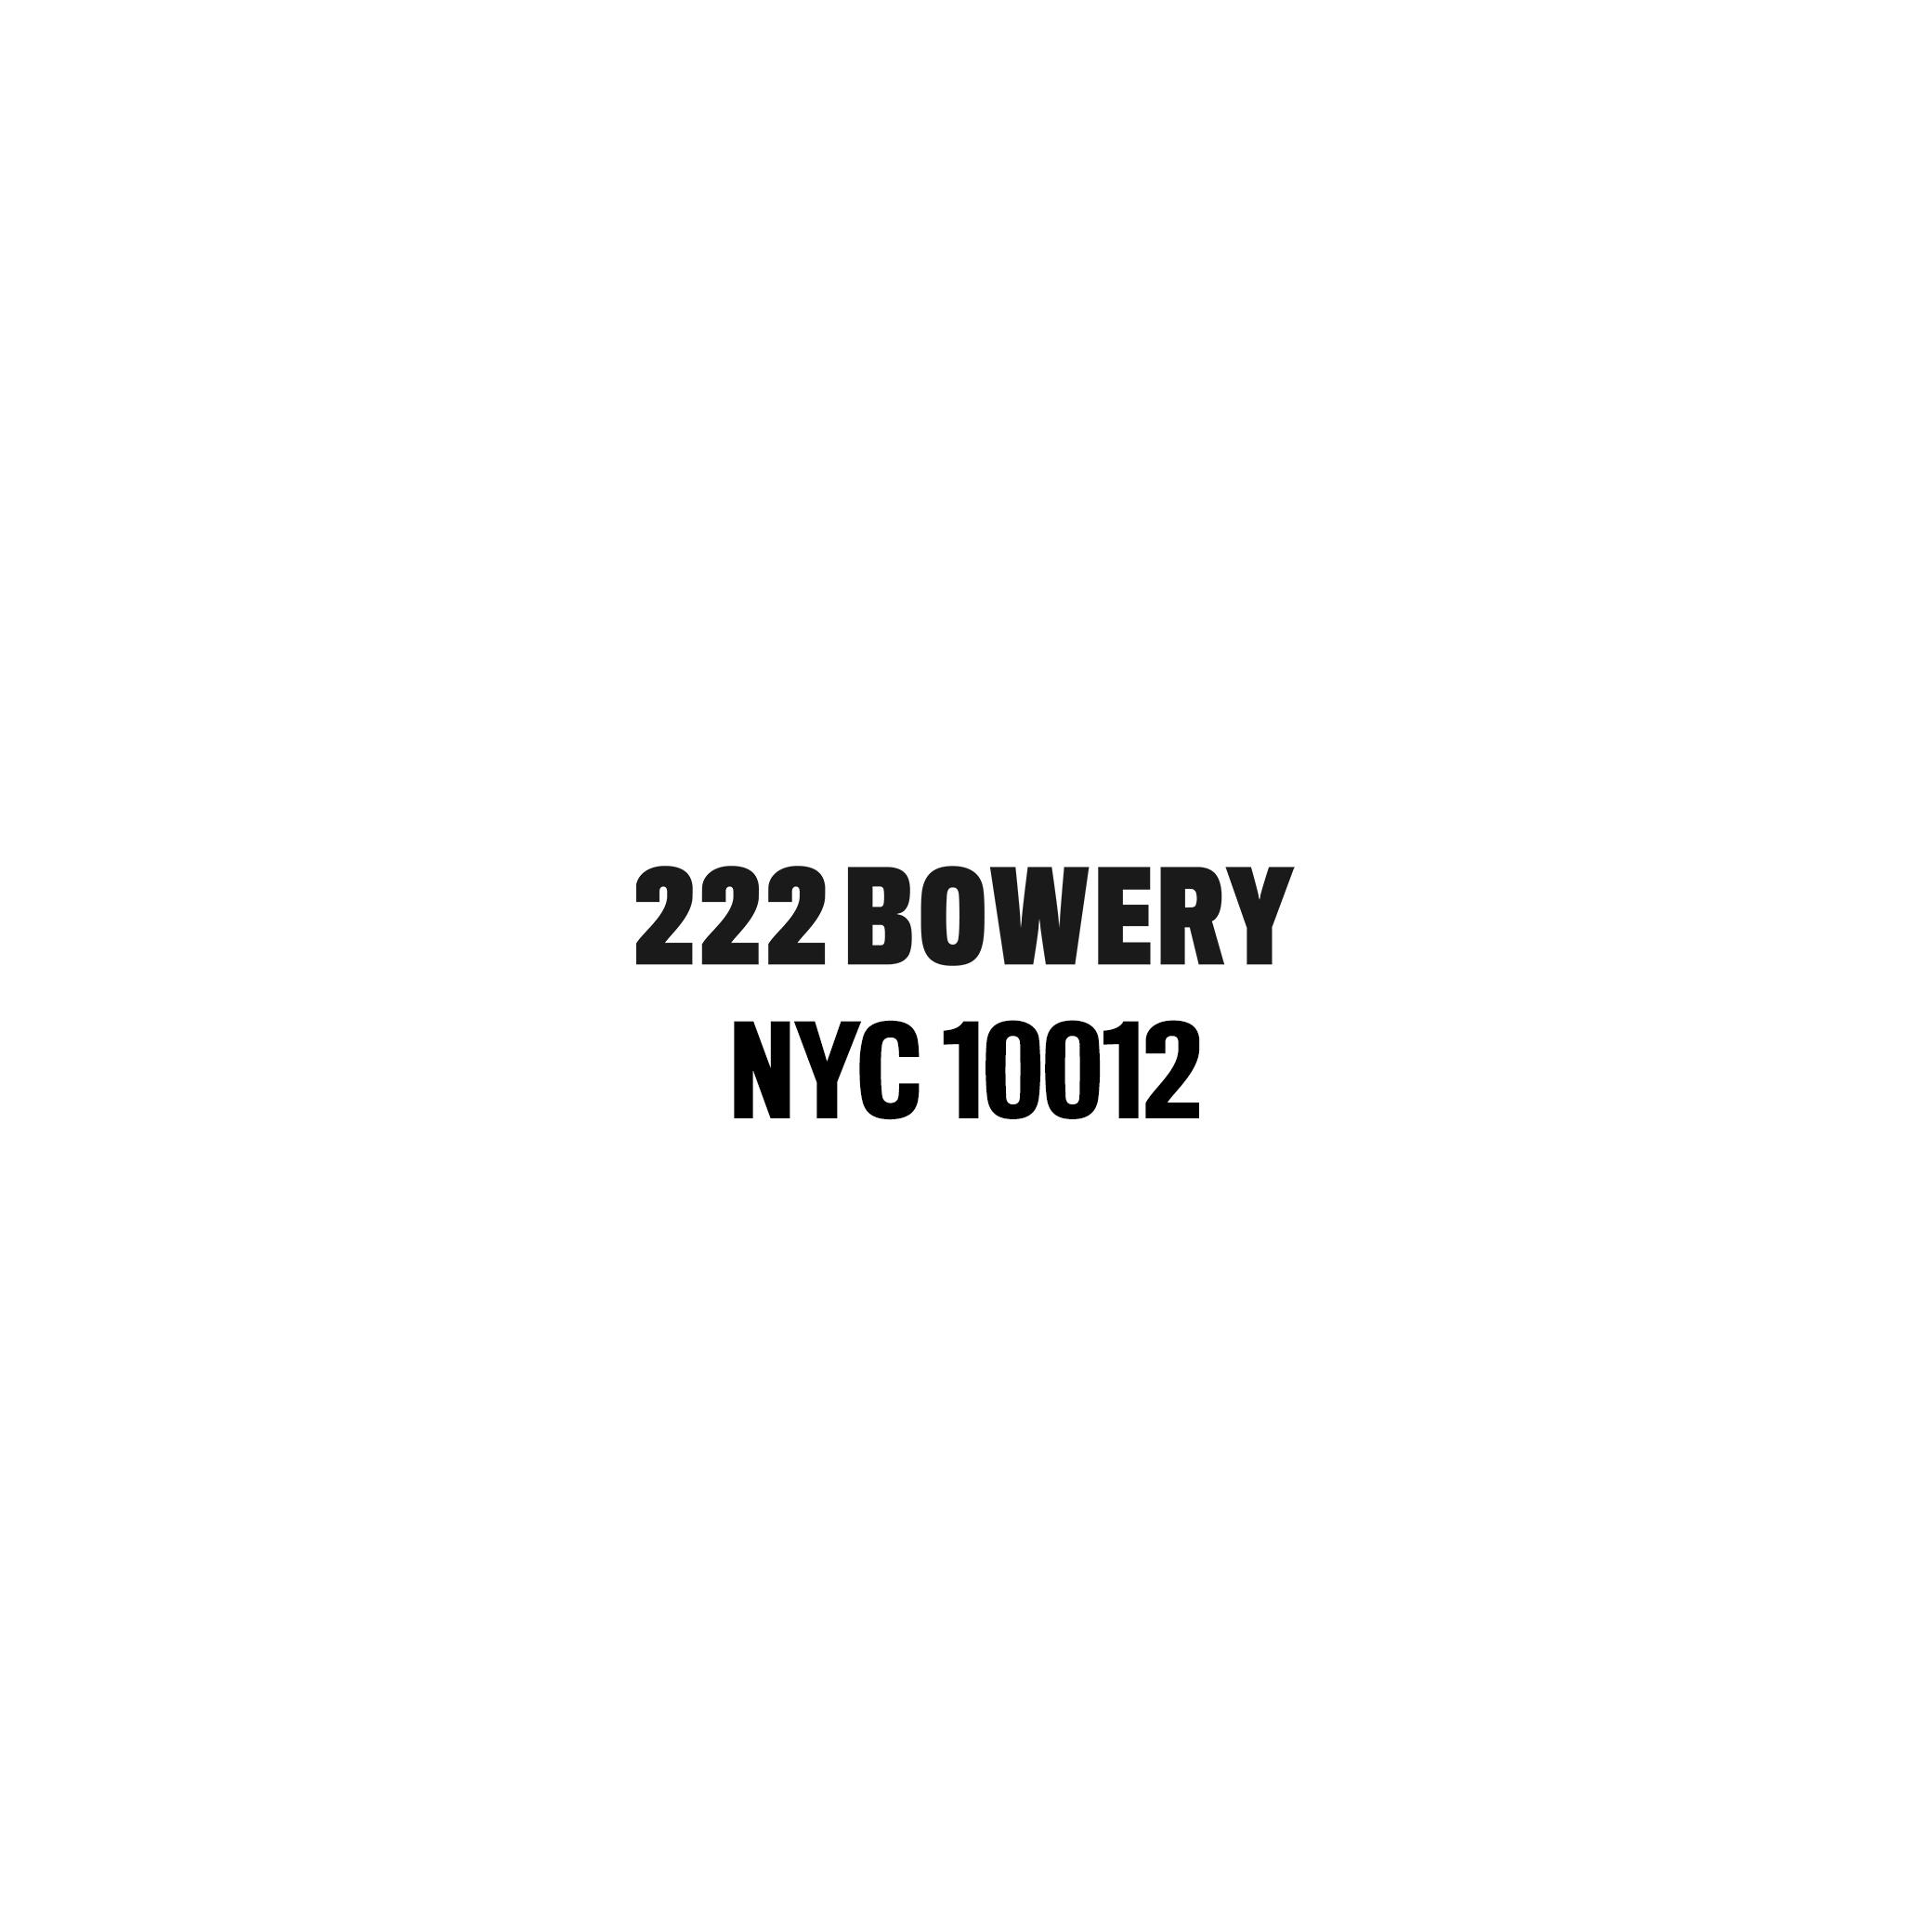 222 bowery & zip white background.jpg